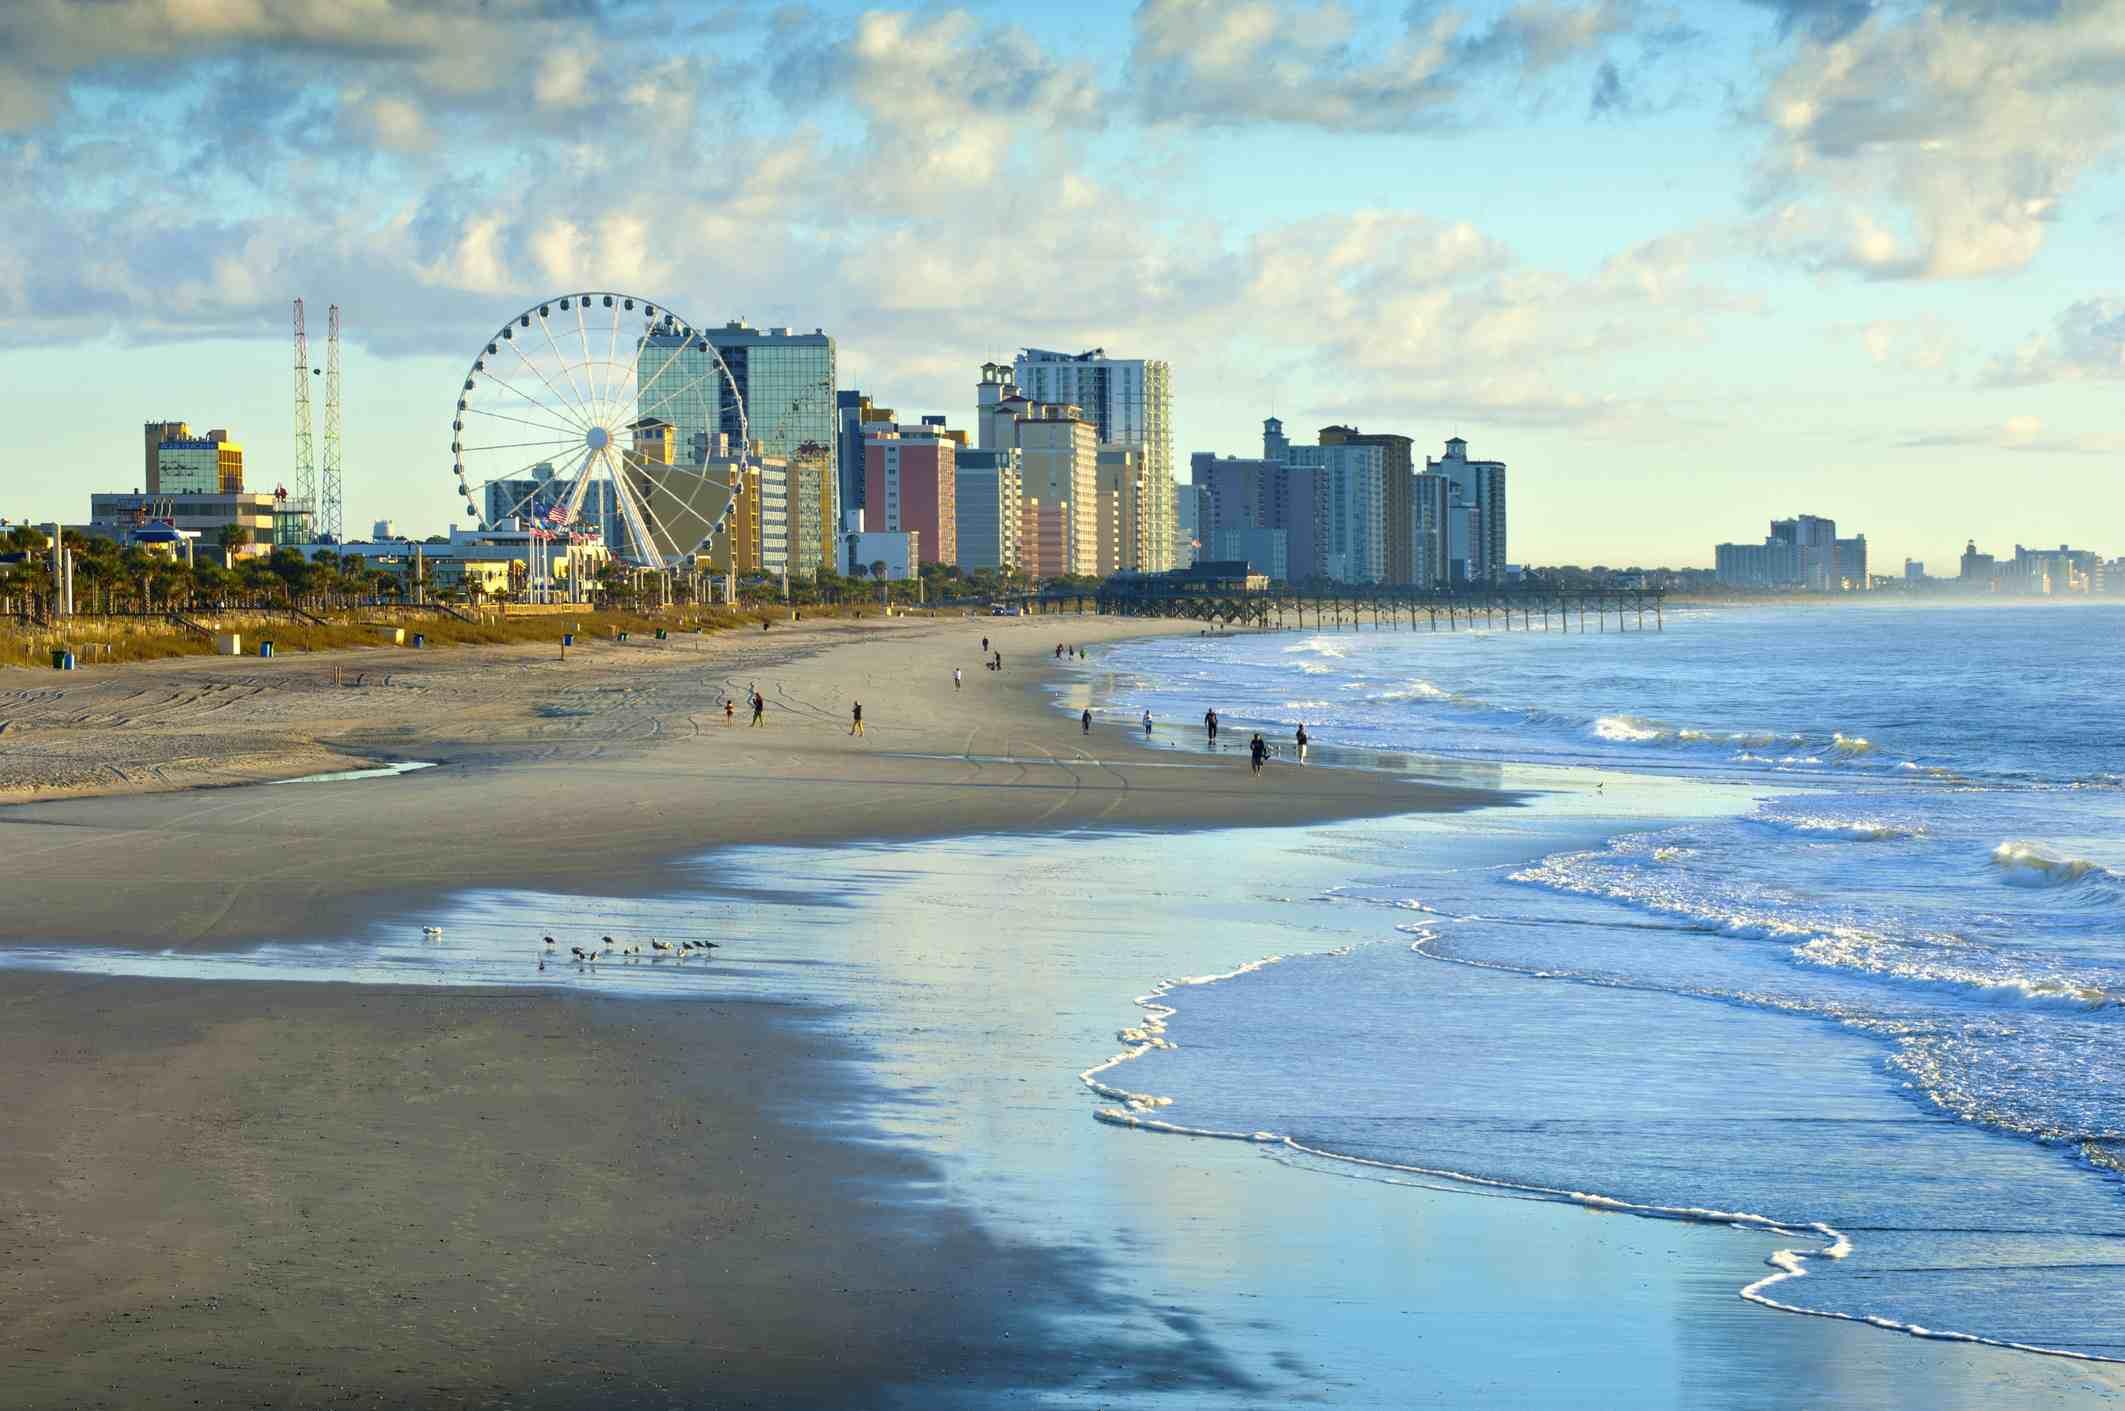 Estados Unidos, Carolina del Sur, Myrtle Beach, rueda de la fortuna en Grand Strand